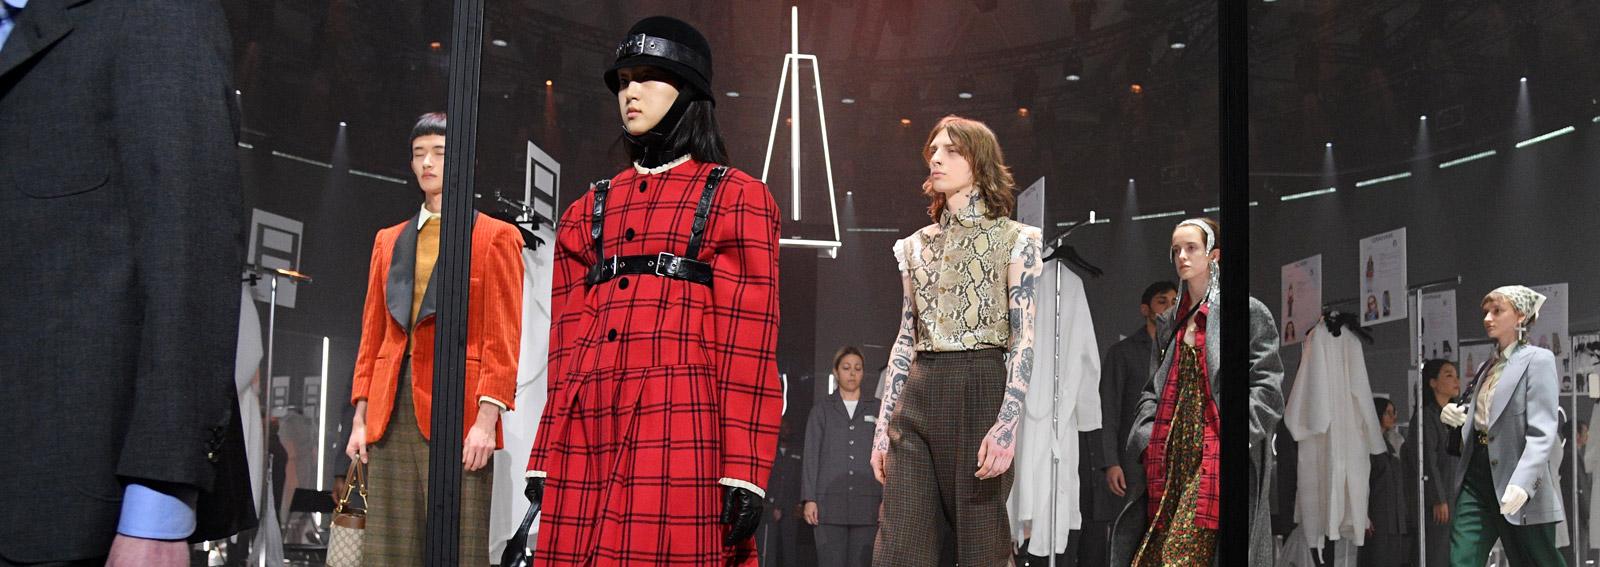 Sfilata-Gucci-Autunno-Inverno-2020-desk